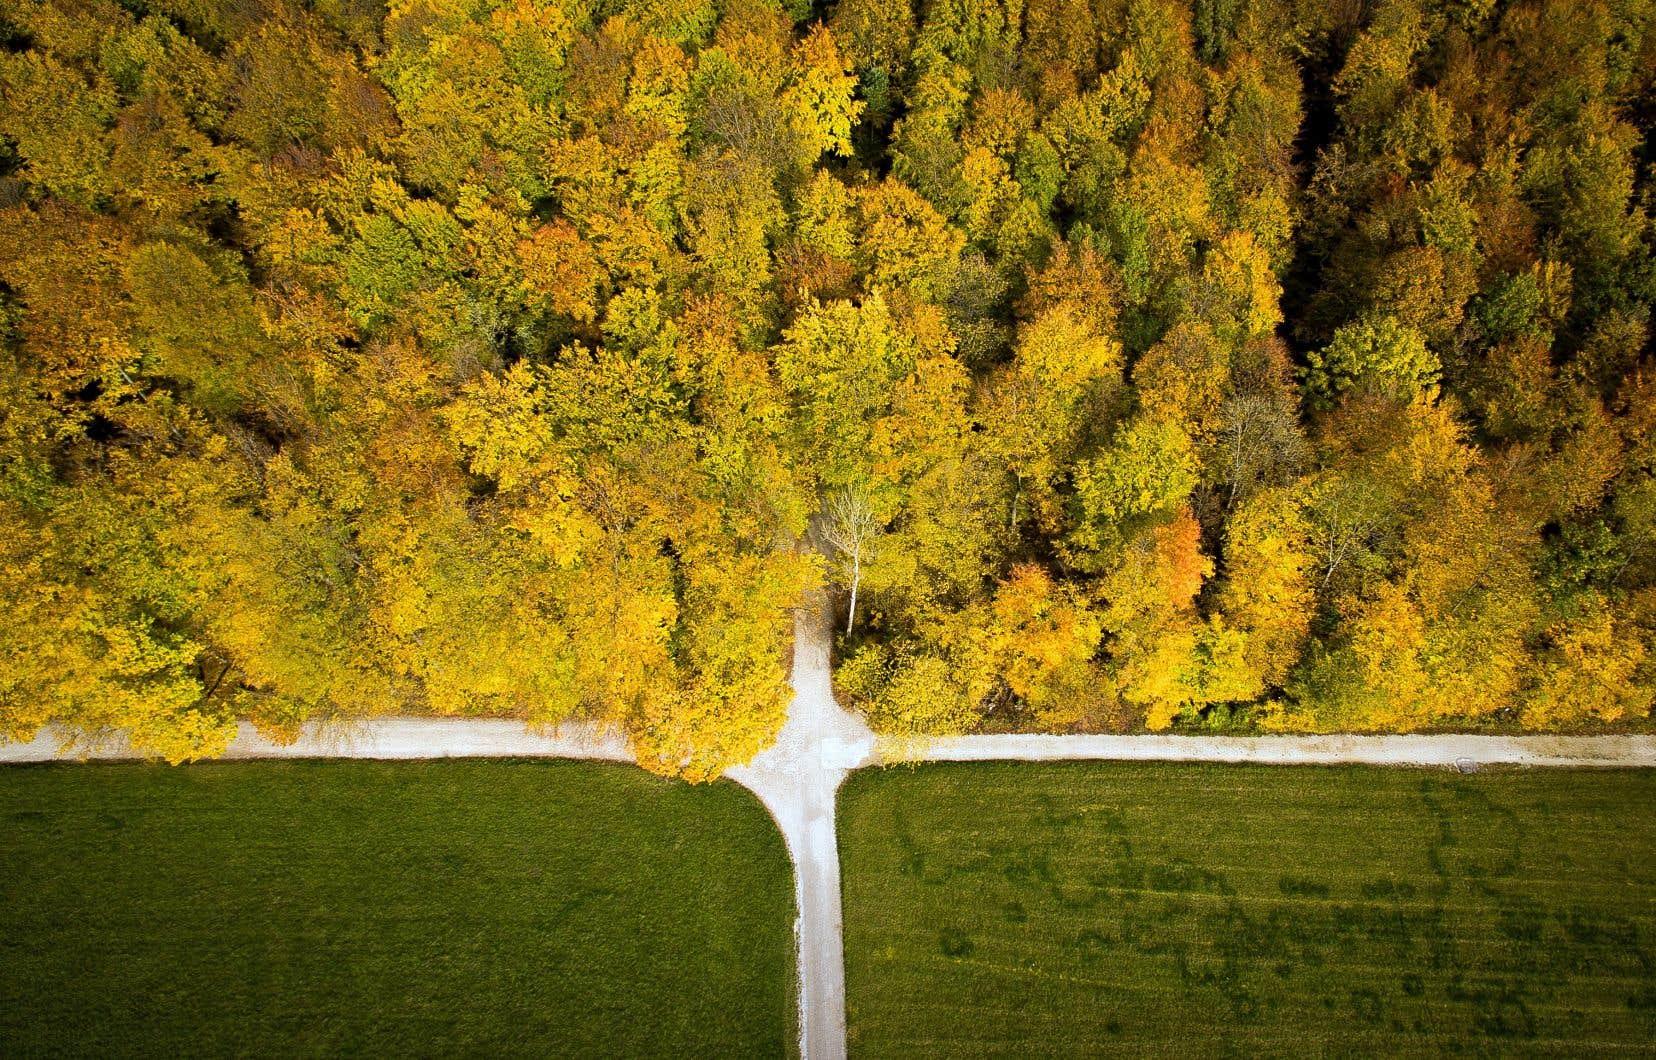 La gestion continue de l'environnement touchera notamment aux domaines de la foresterie, de la santé des océans et de la surveillance des pipelines.